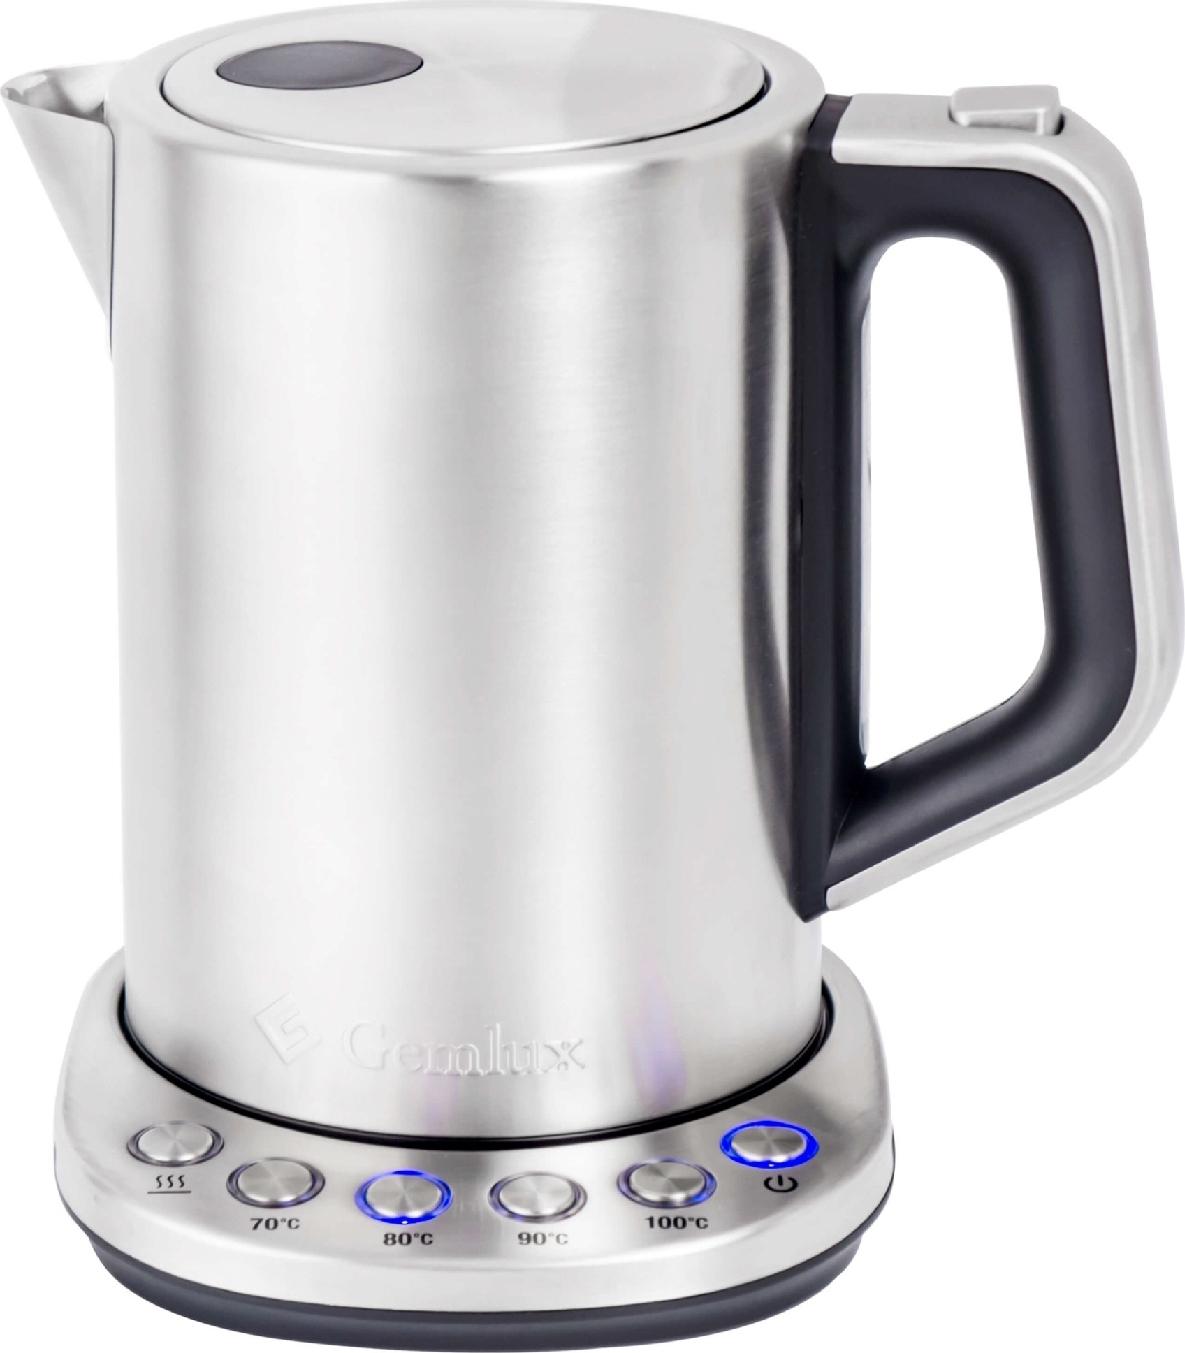 Электрический чайник Gemlux GL-EK622SS чайник электрический gemlux gl ek622ss 1 5 л